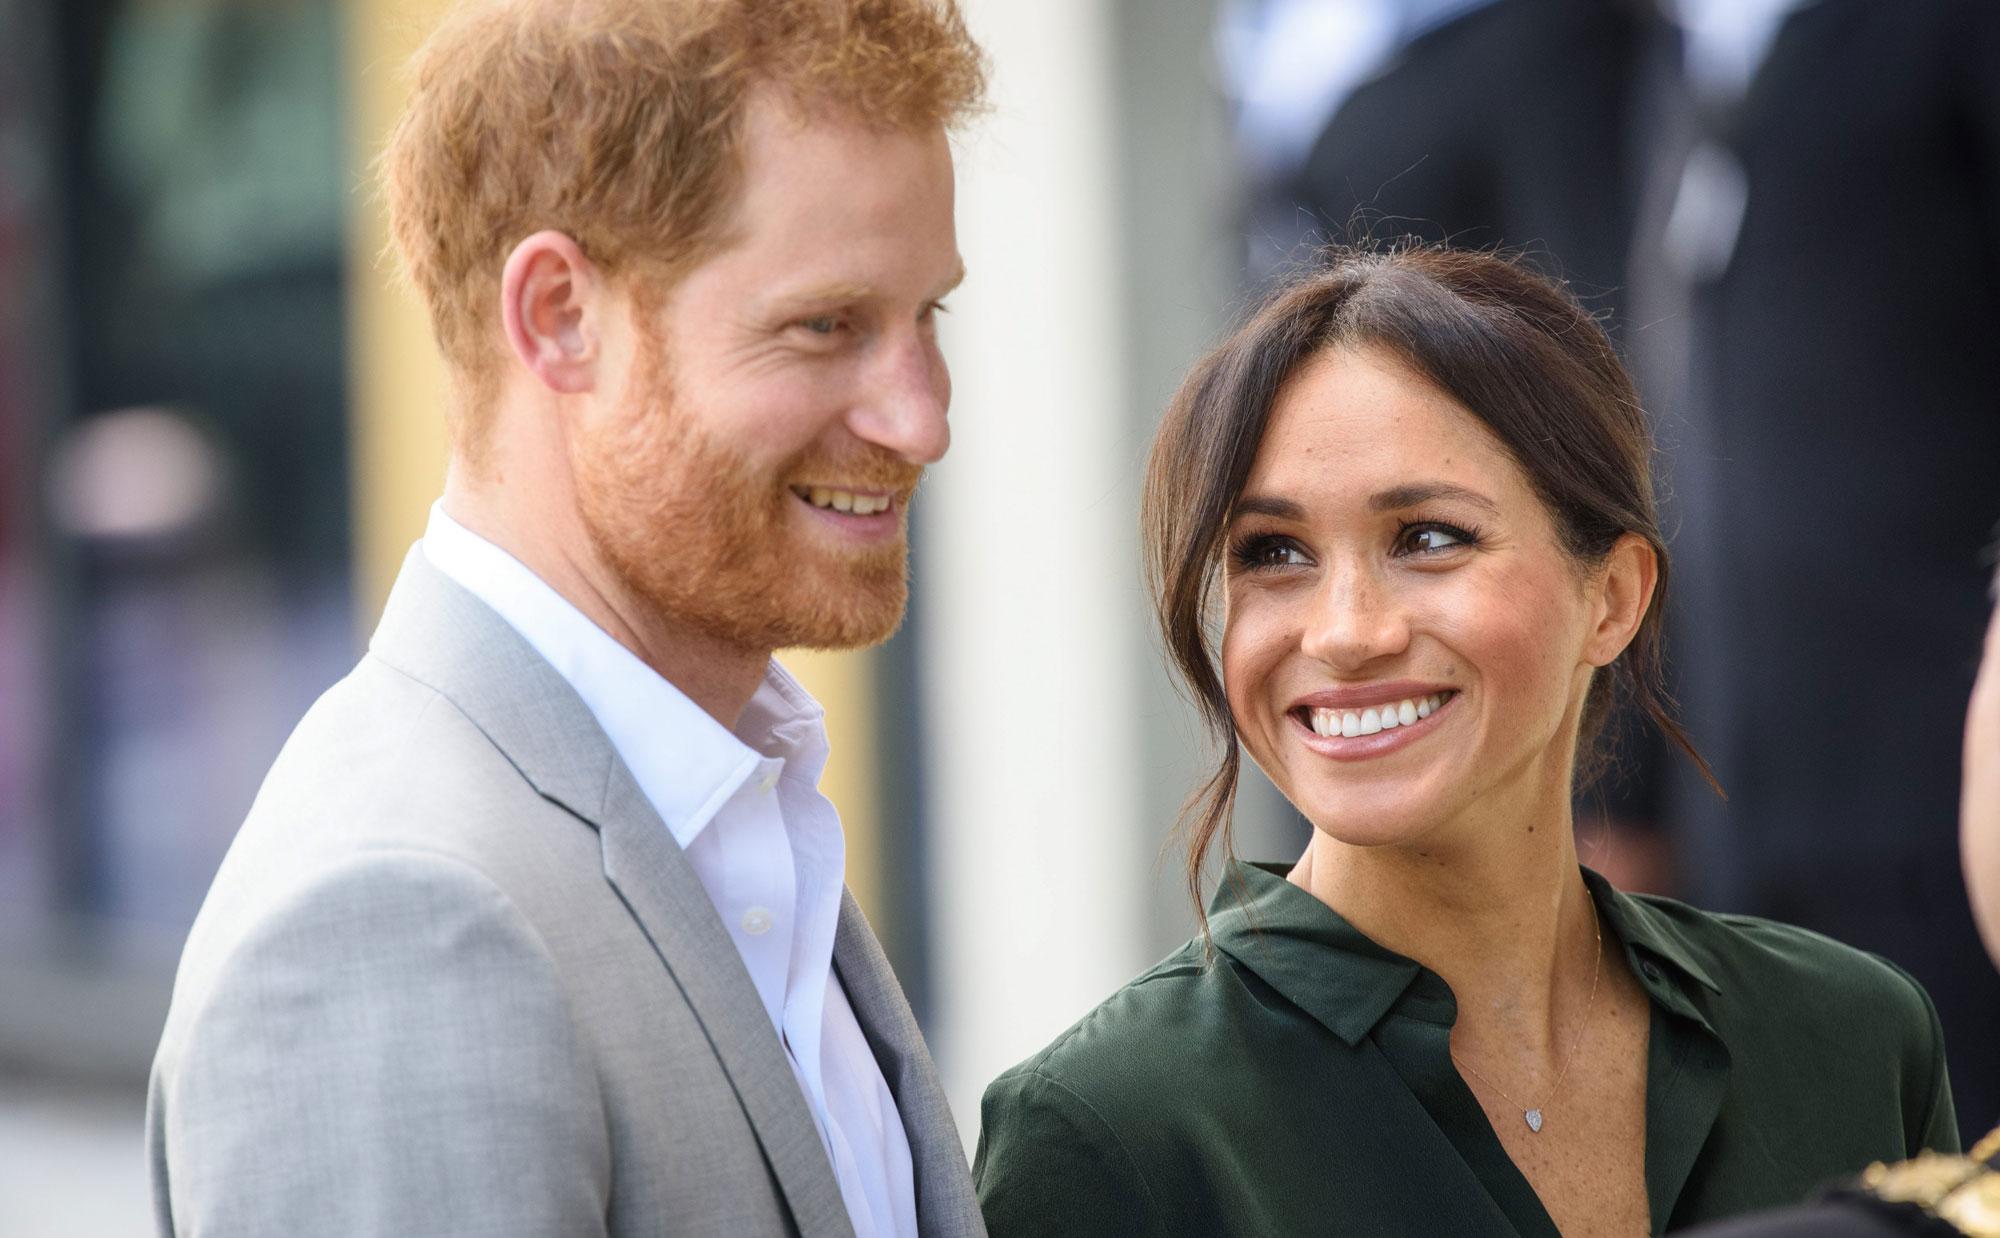 Принц Гарри заверил Меган Маркл, что она выглядит прекрасно после рождения ребенка